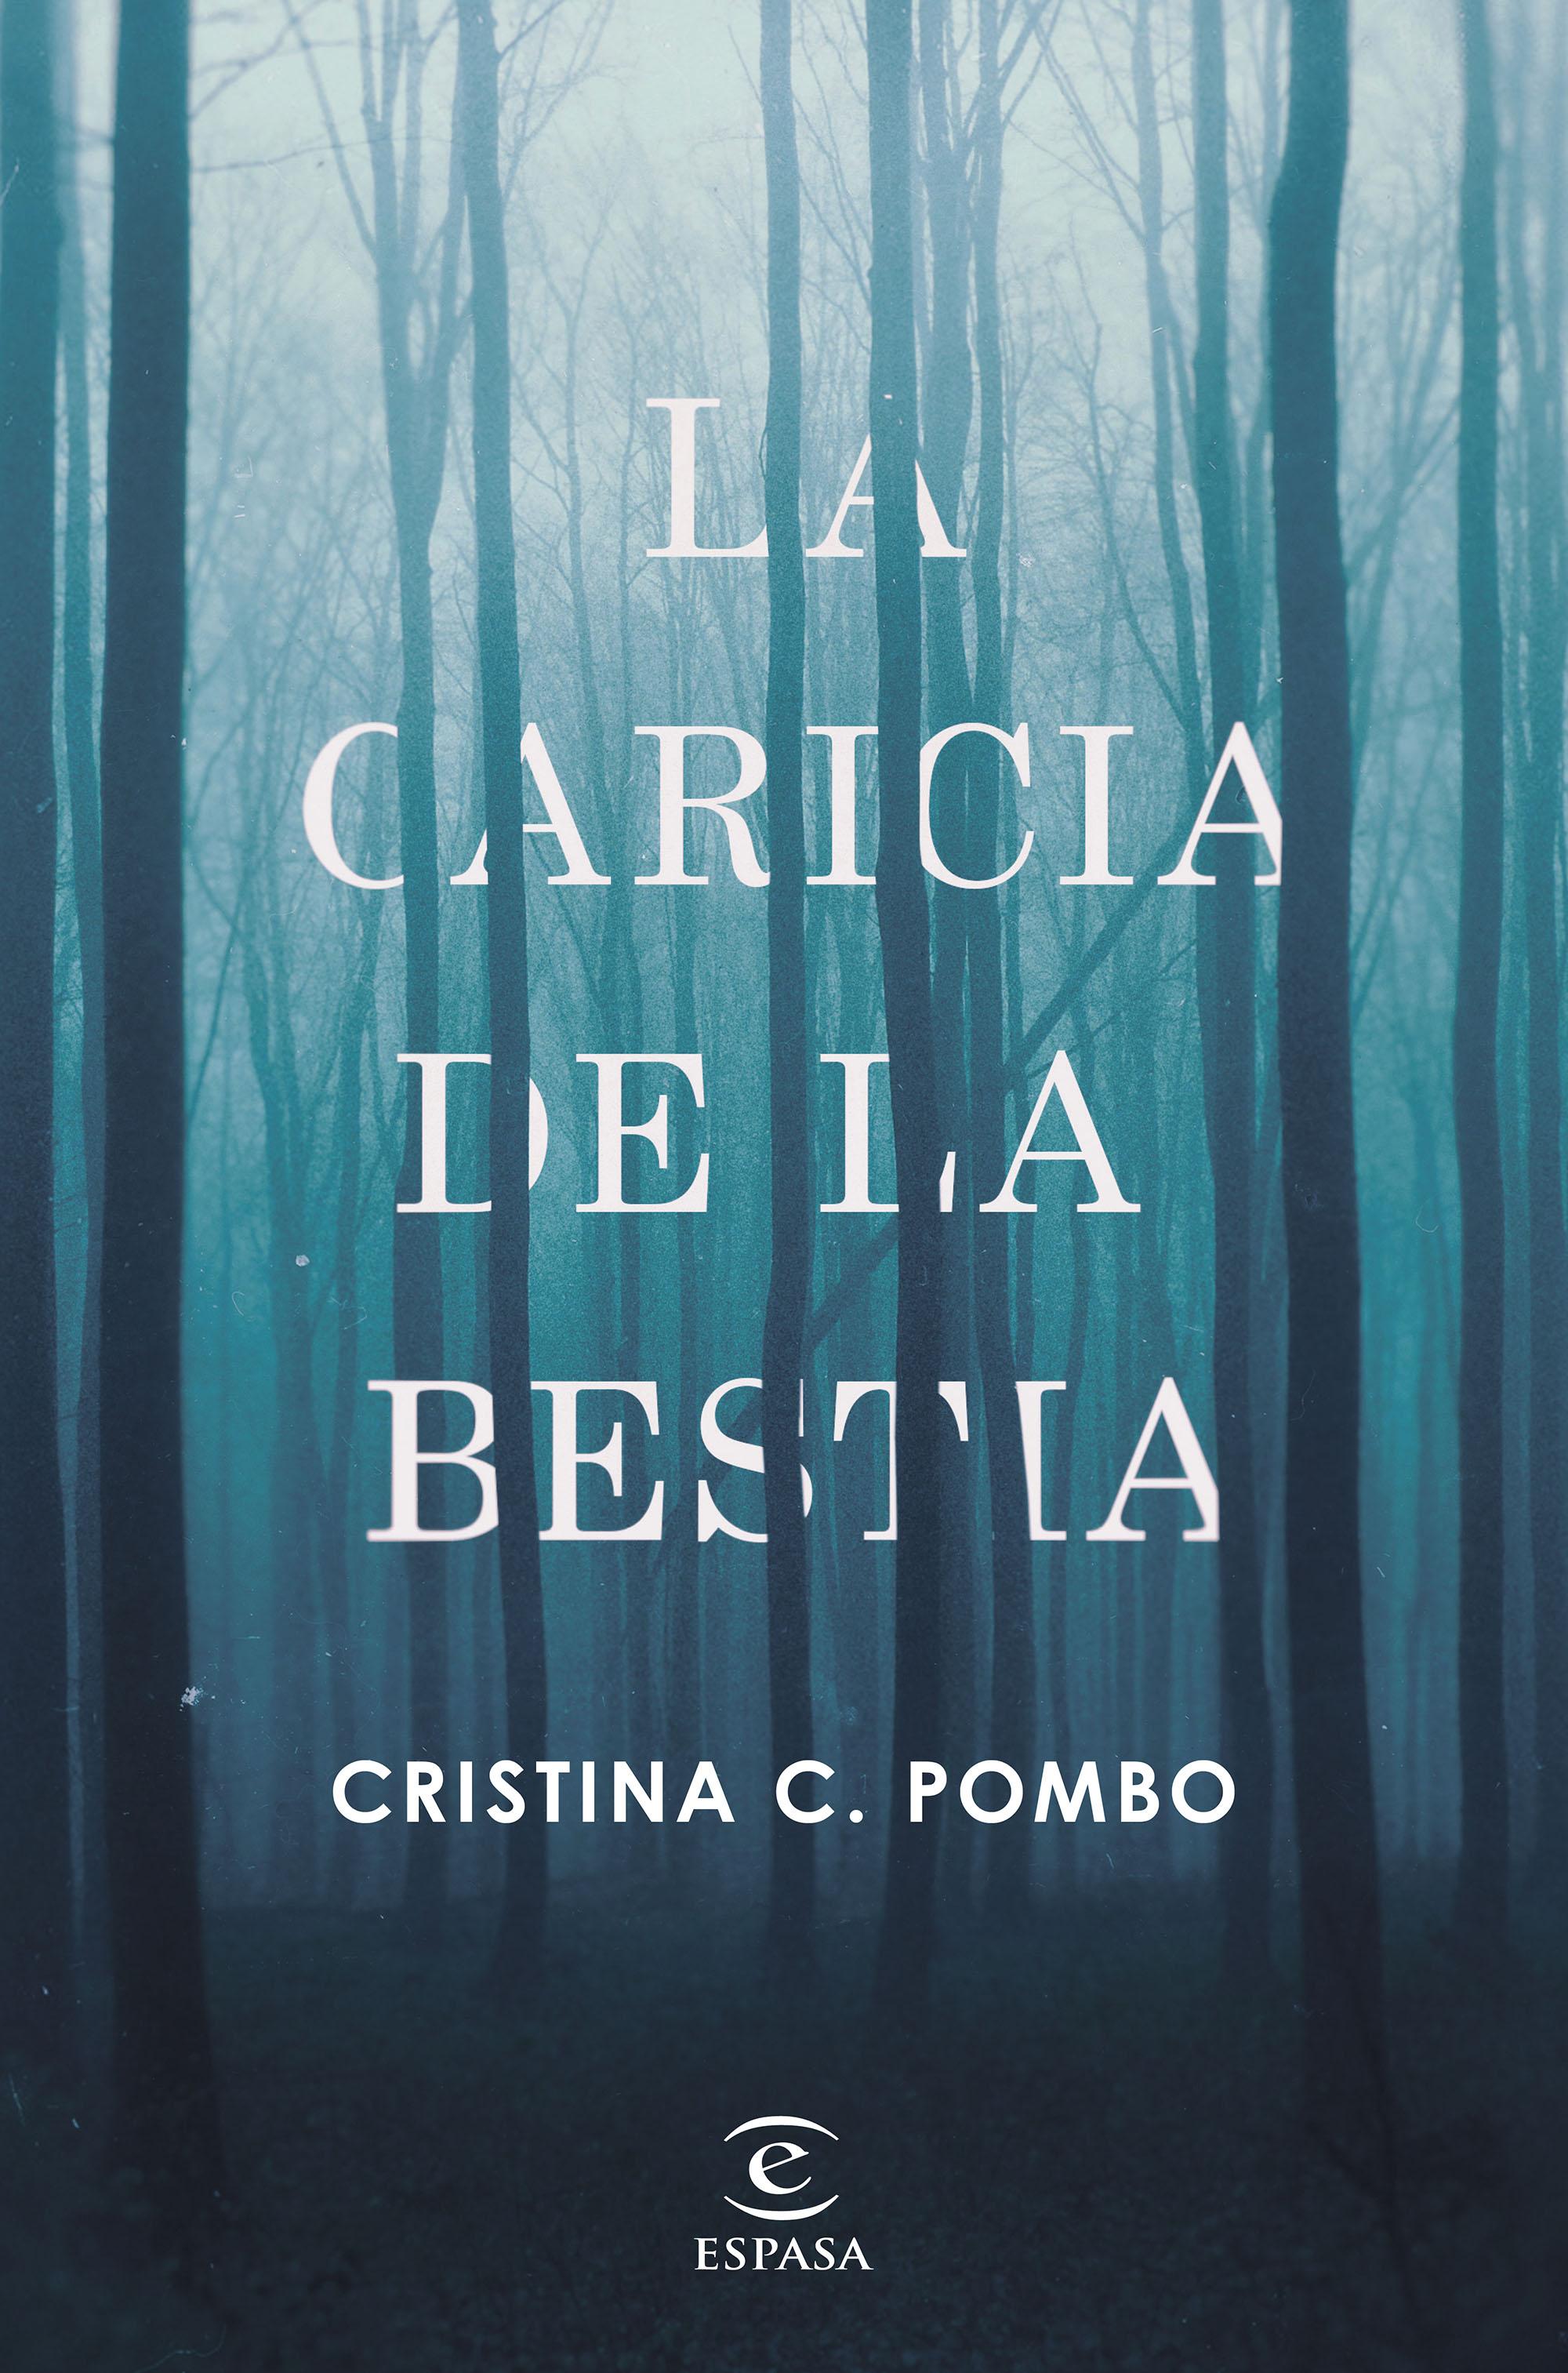 """La novela de este invierno """"La caricia de la bestia"""""""